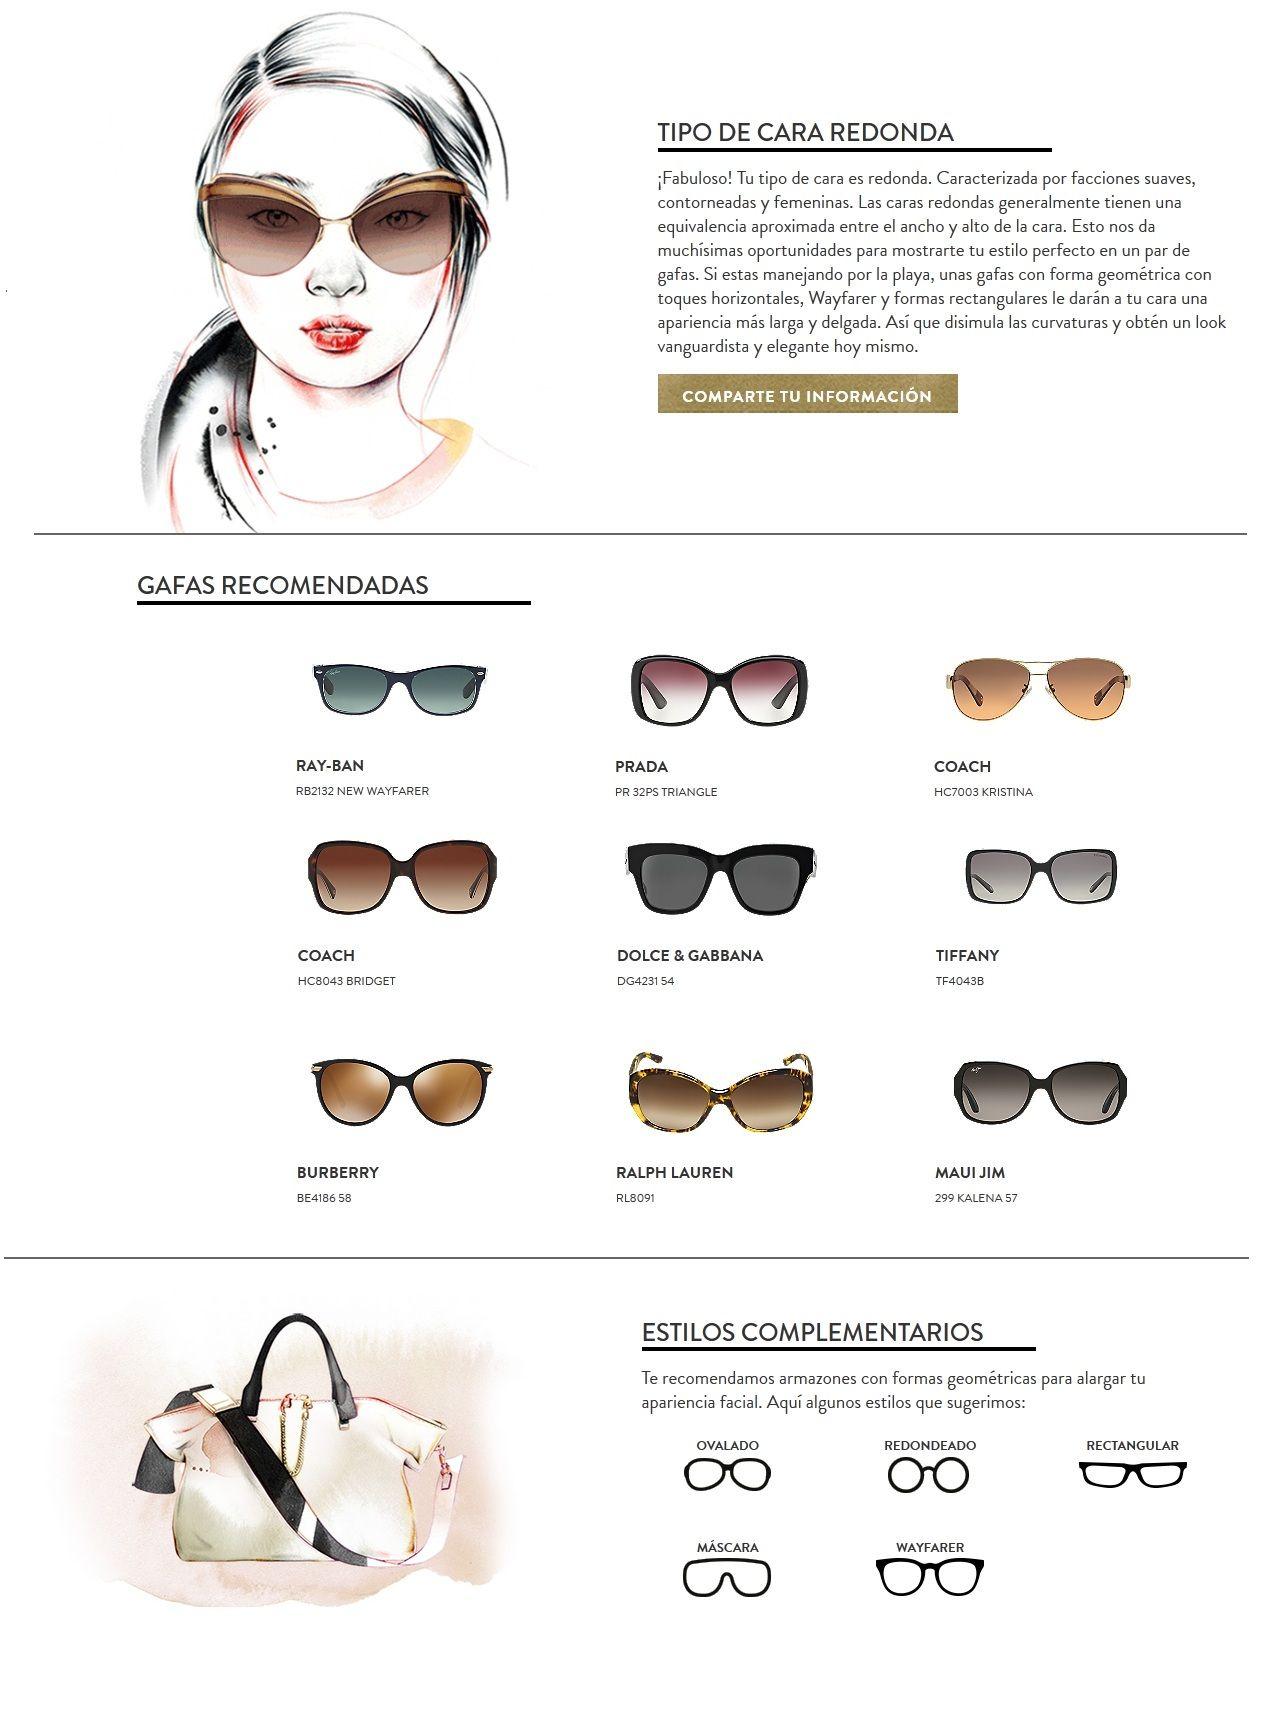 444500927d Lentes segun cara redonda, sunglasses | tips de todo un poquito in ...